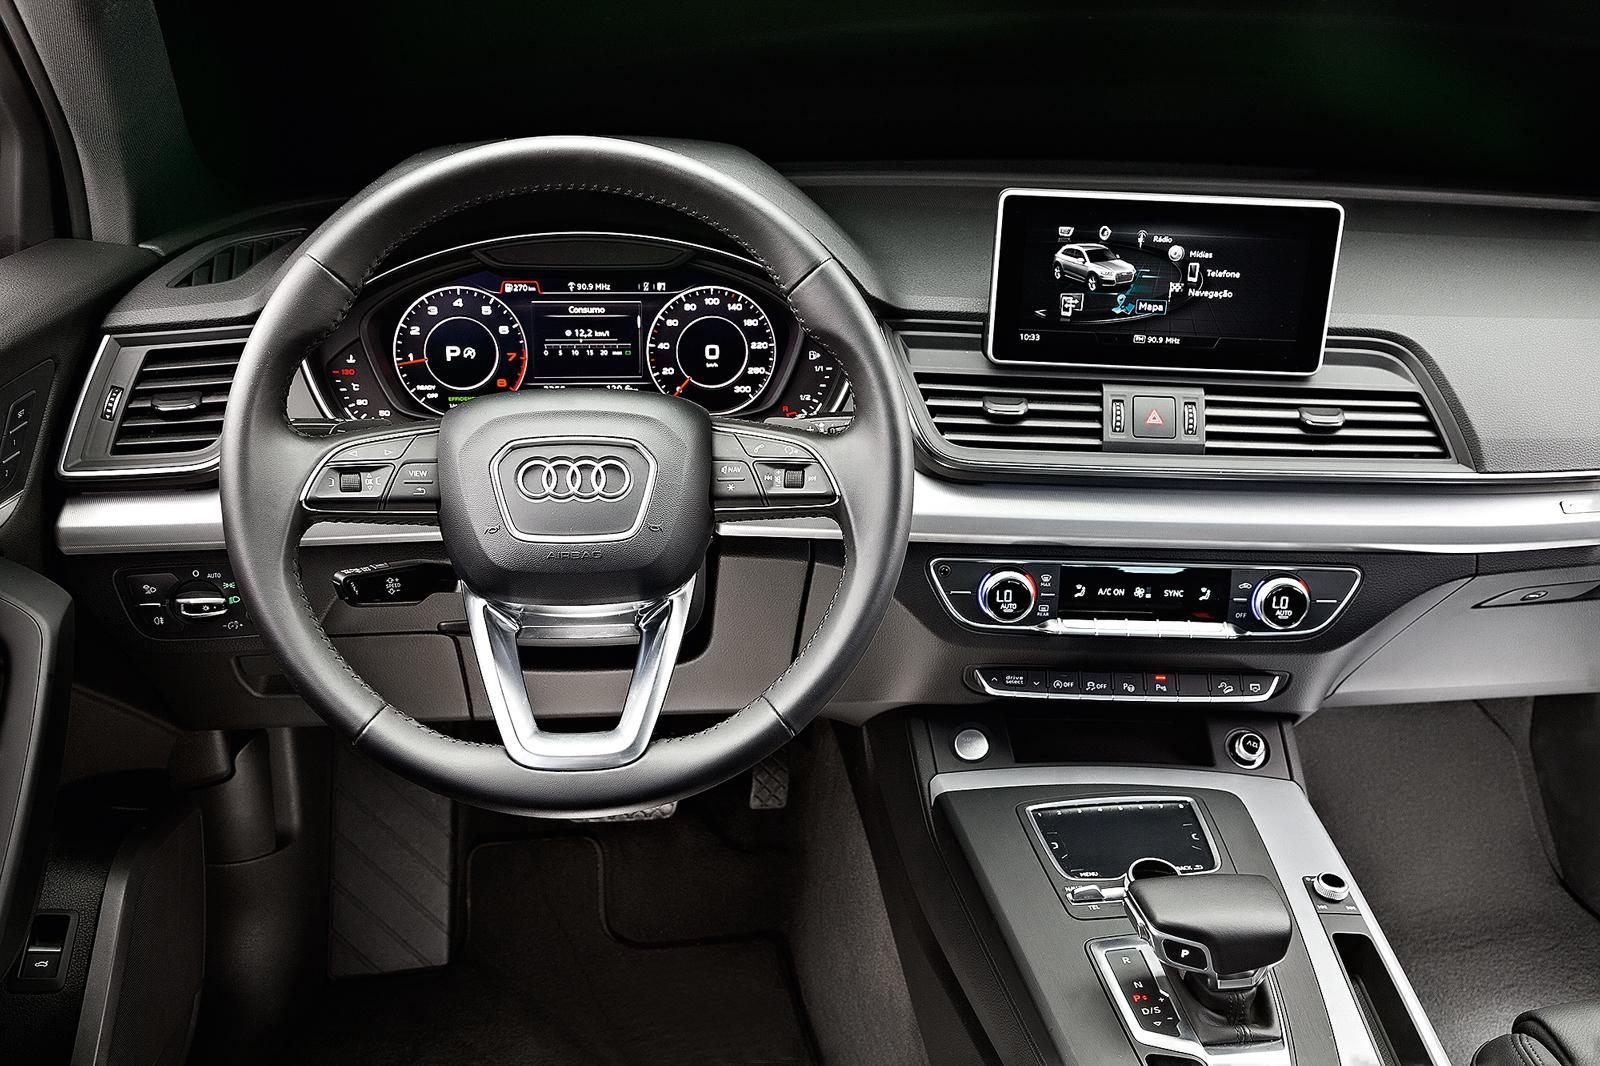 Comparativo Audi Q5 X Mercedes Glc X Volvo Xc60 Quatro Rodas